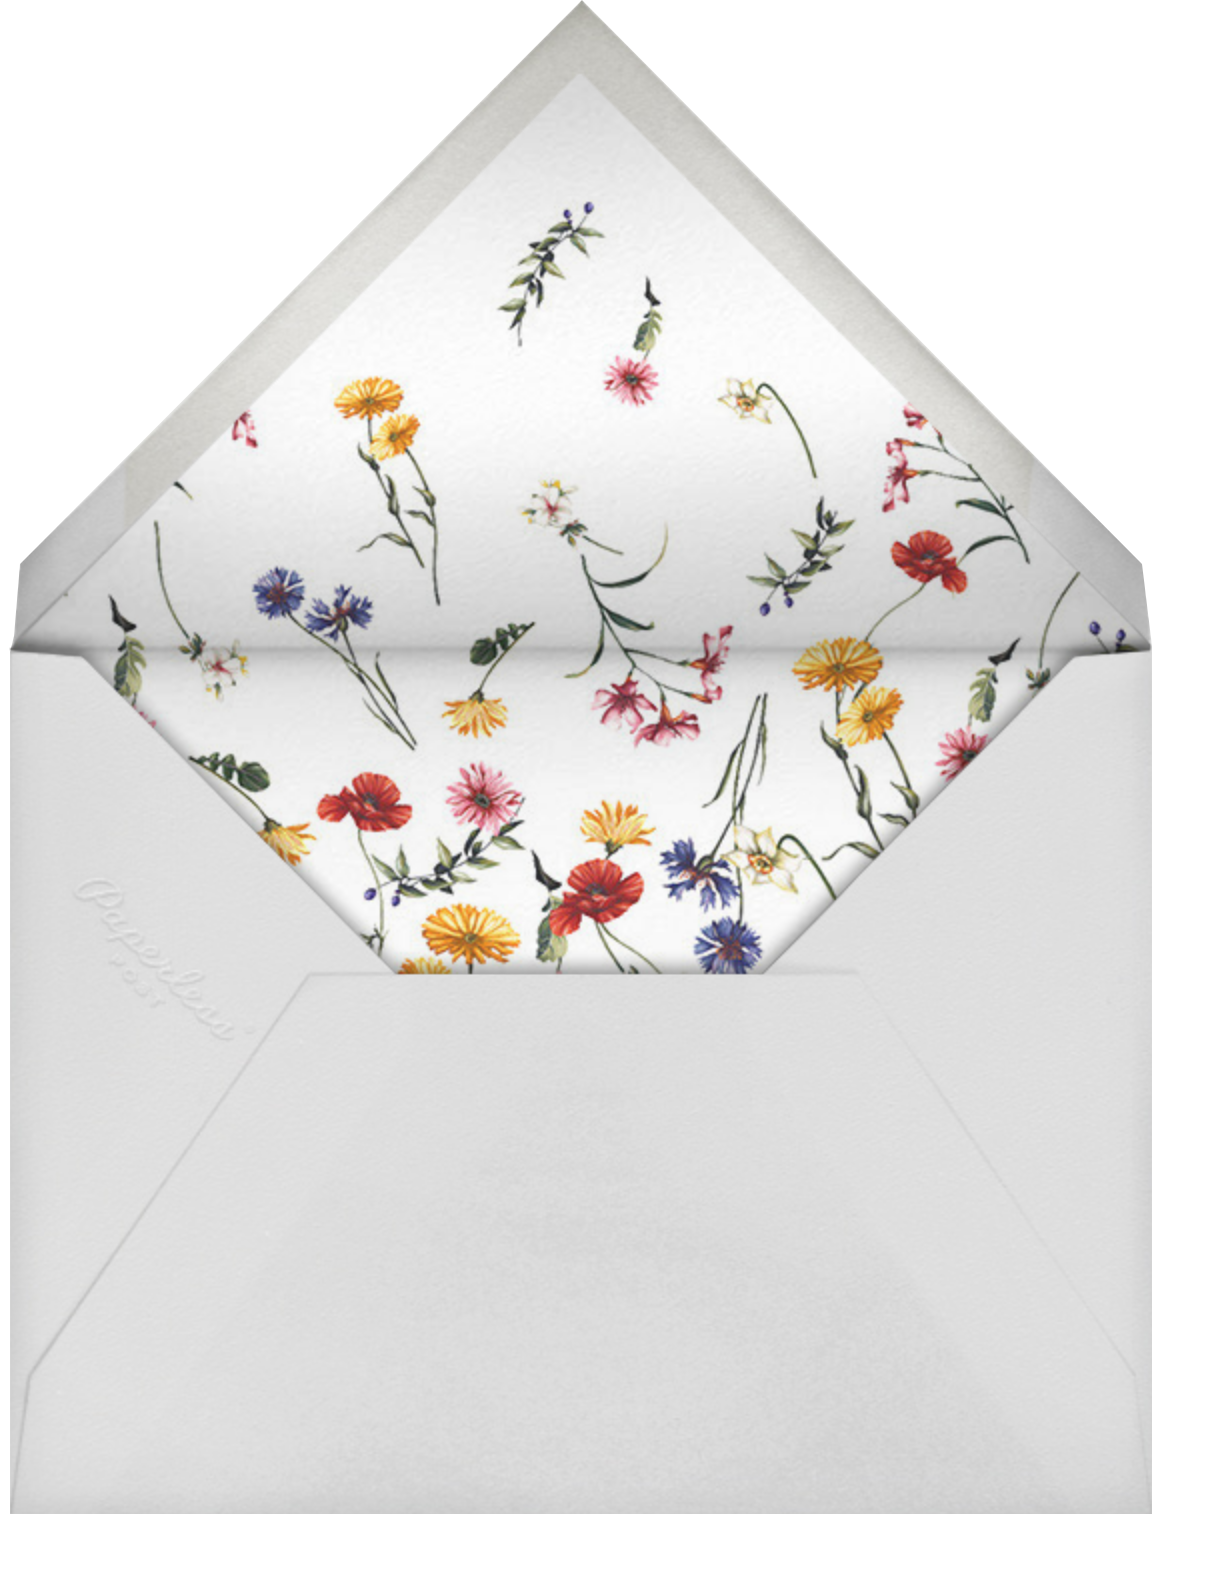 Floating Floral (Save the Date) - Oscar de la Renta - Save the date - envelope back